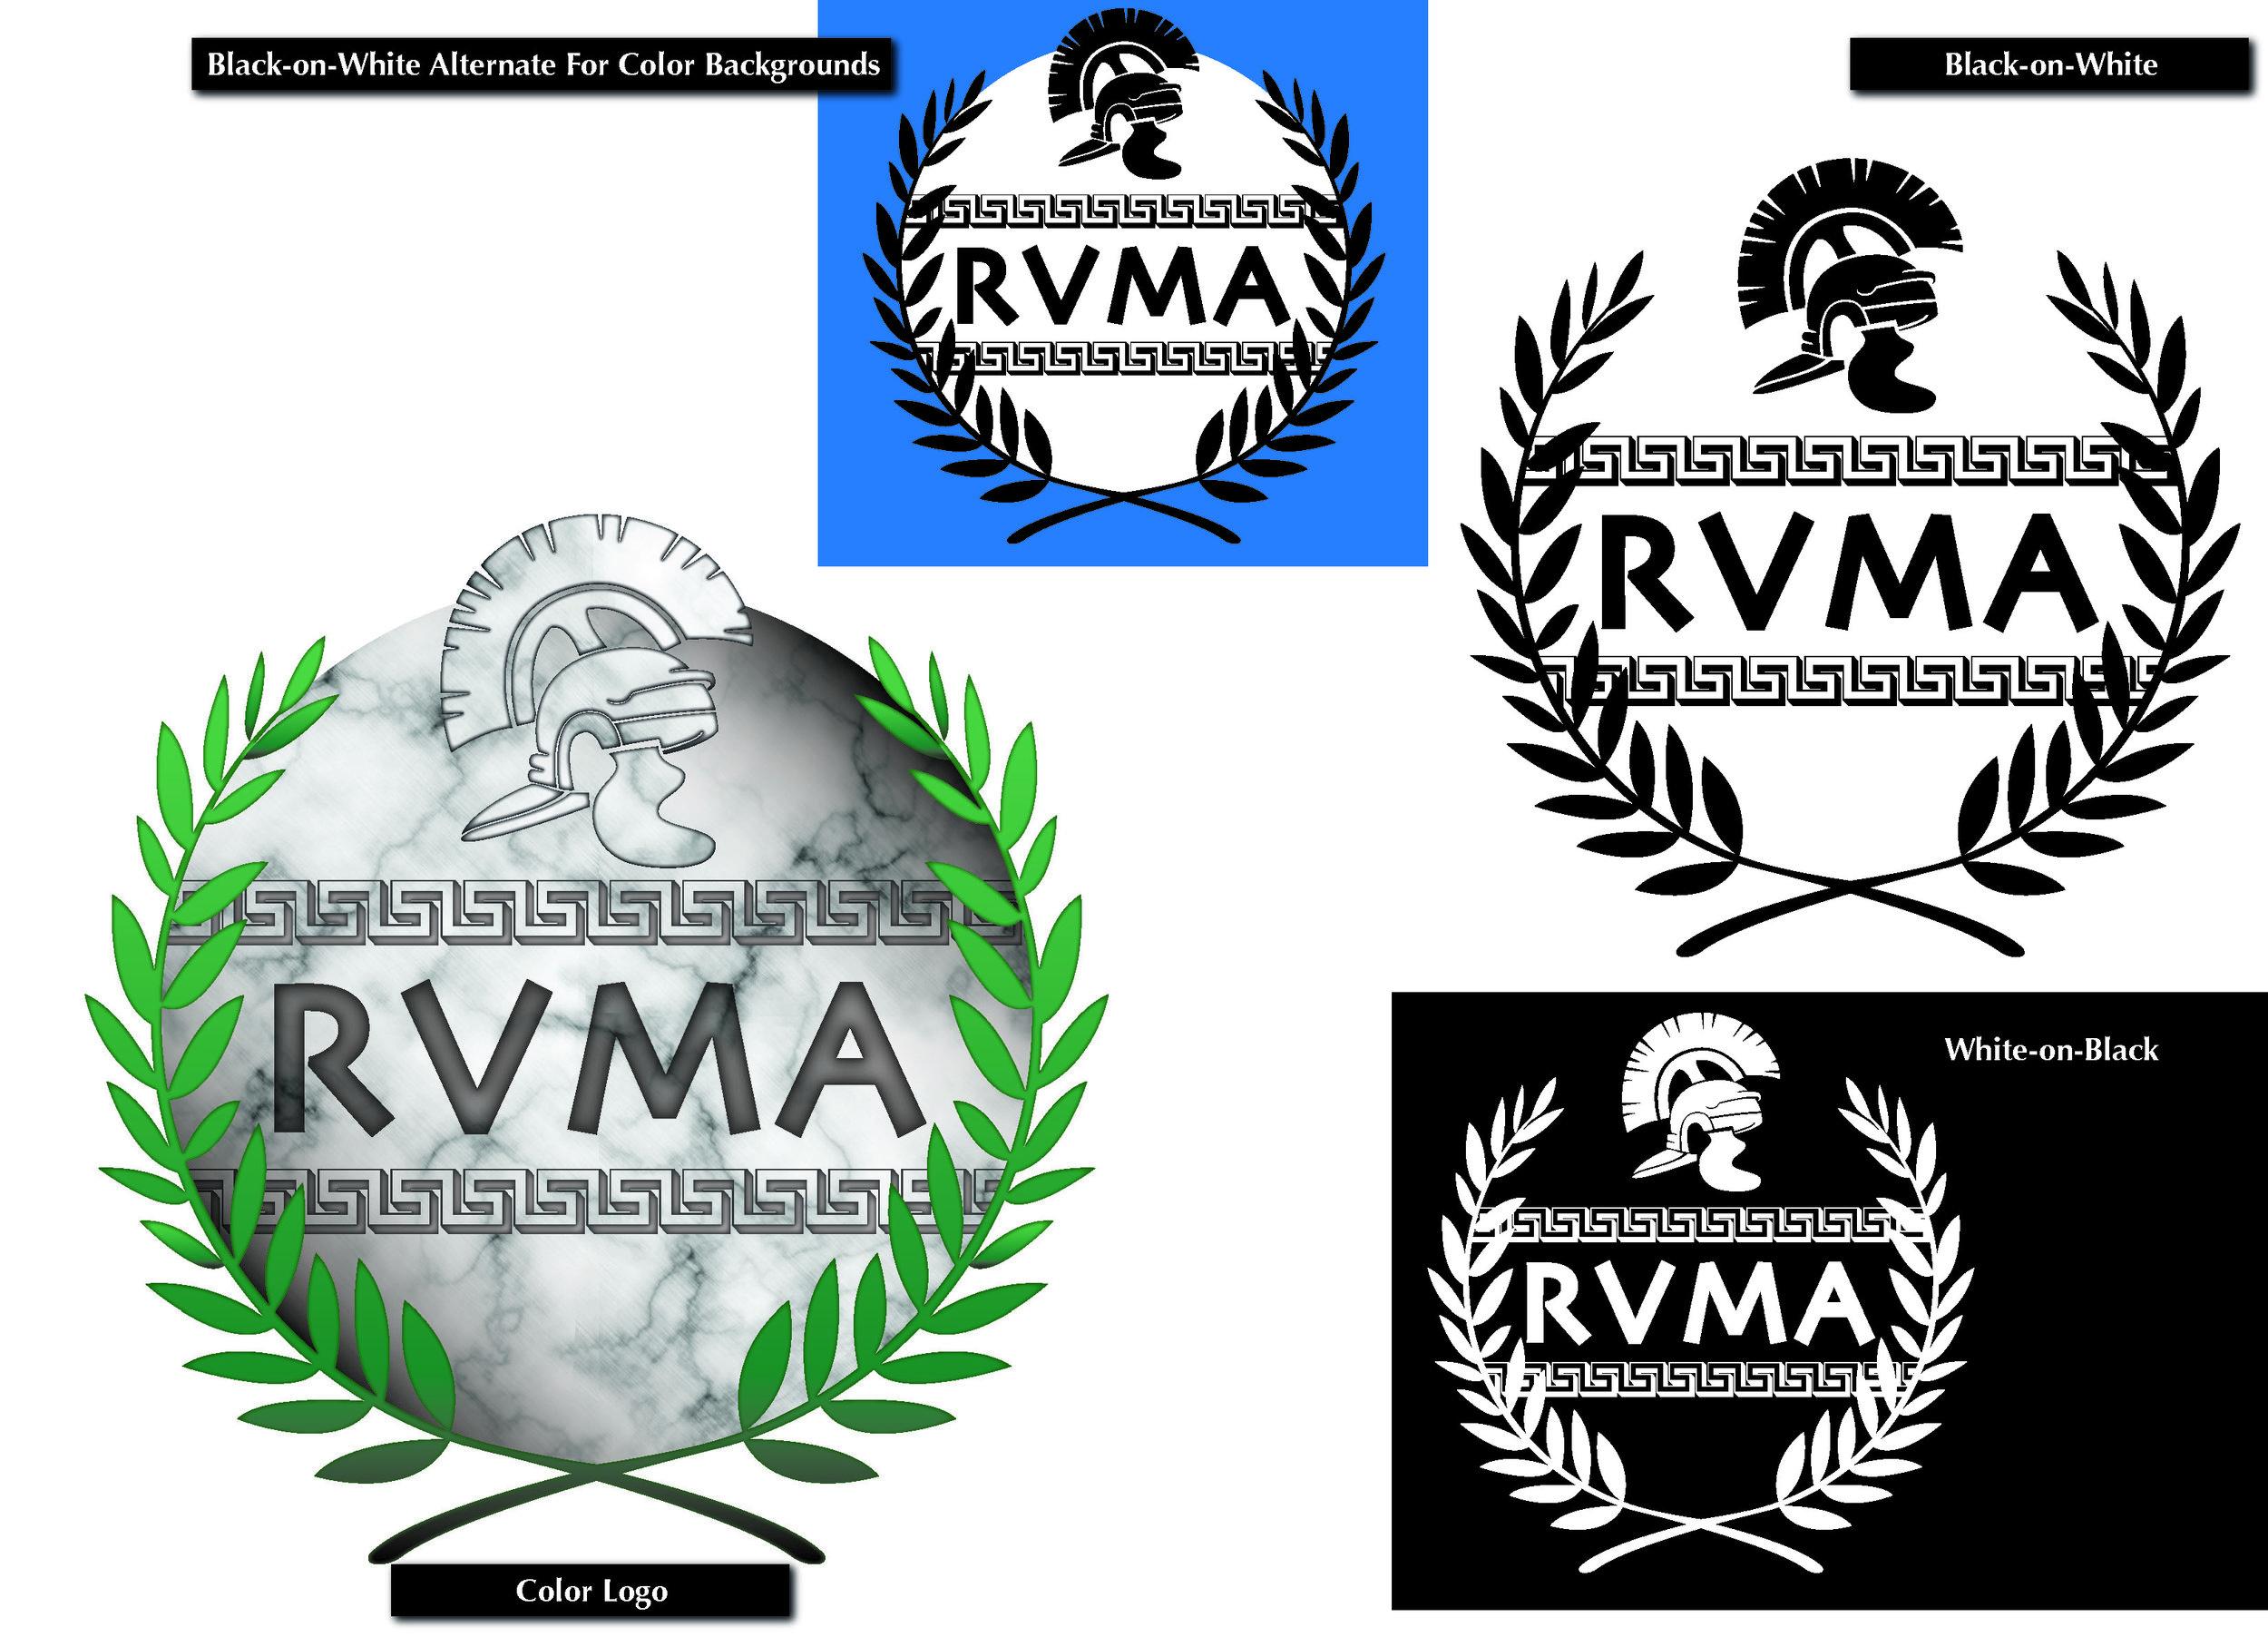 RVMA_Logo.jpg